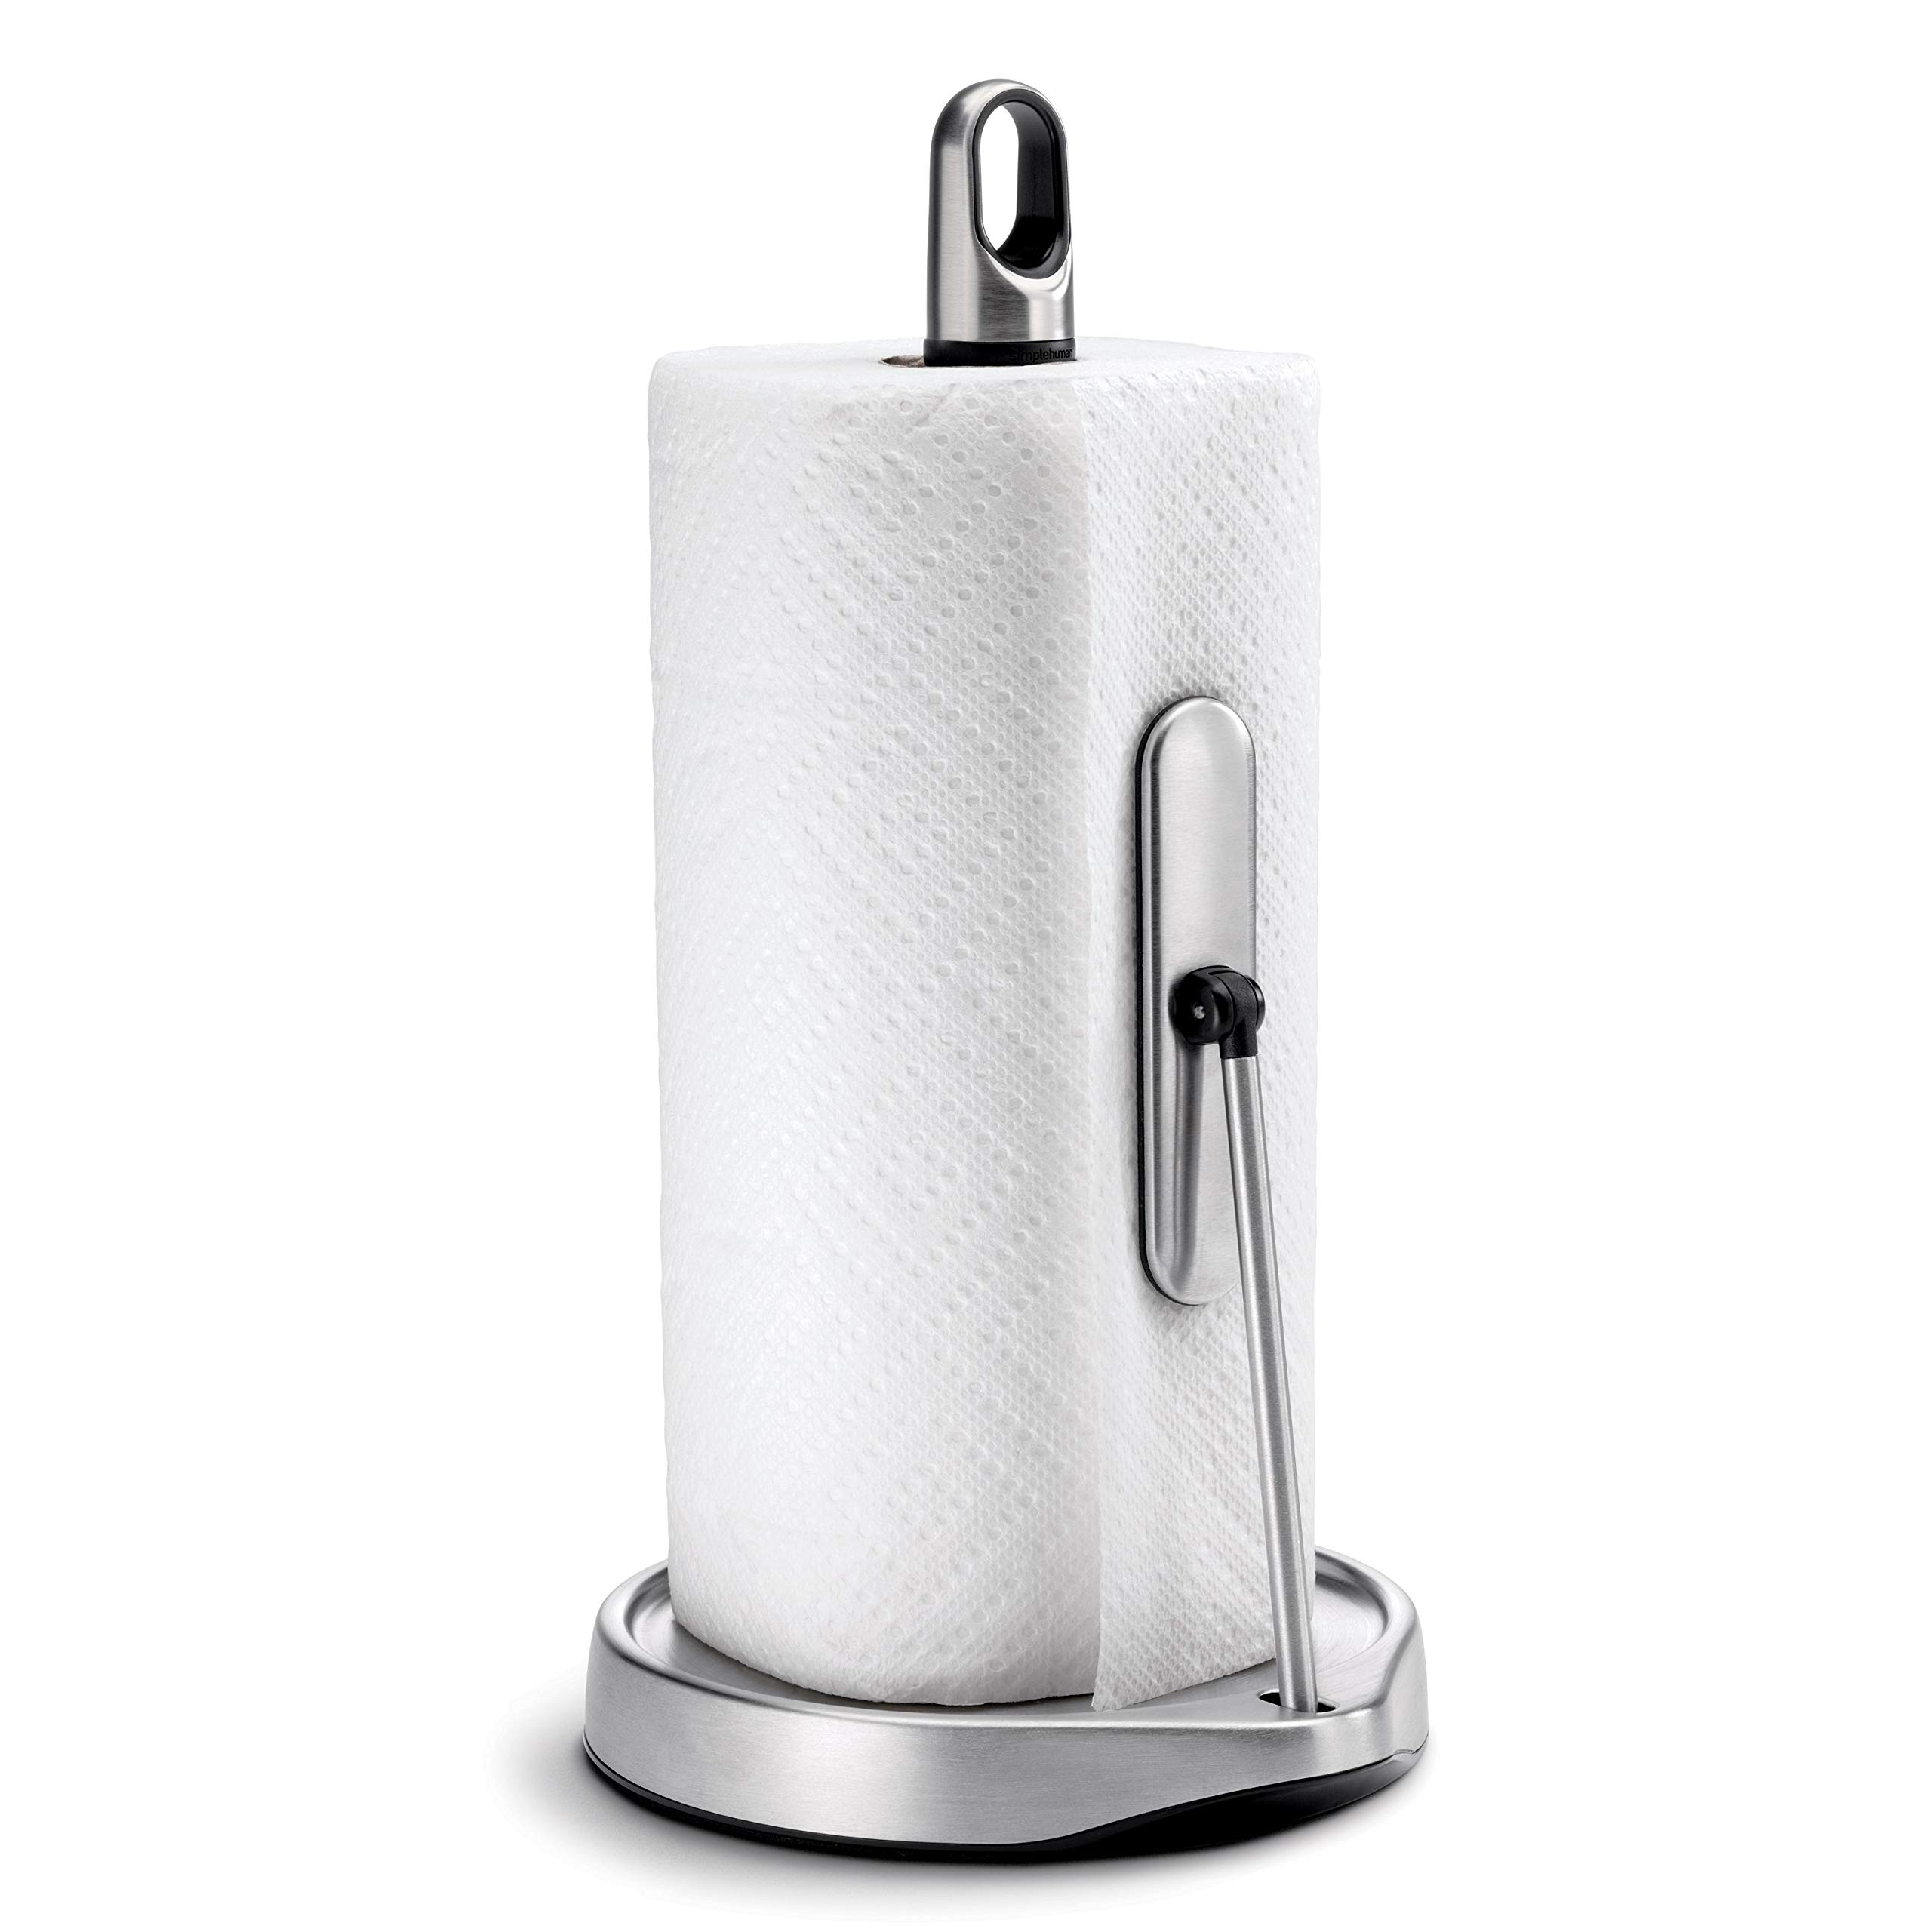 Soporte de acero inoxidable para portarrollos de papel de cocina con varilla//pinza by DELIAWINTERFEL